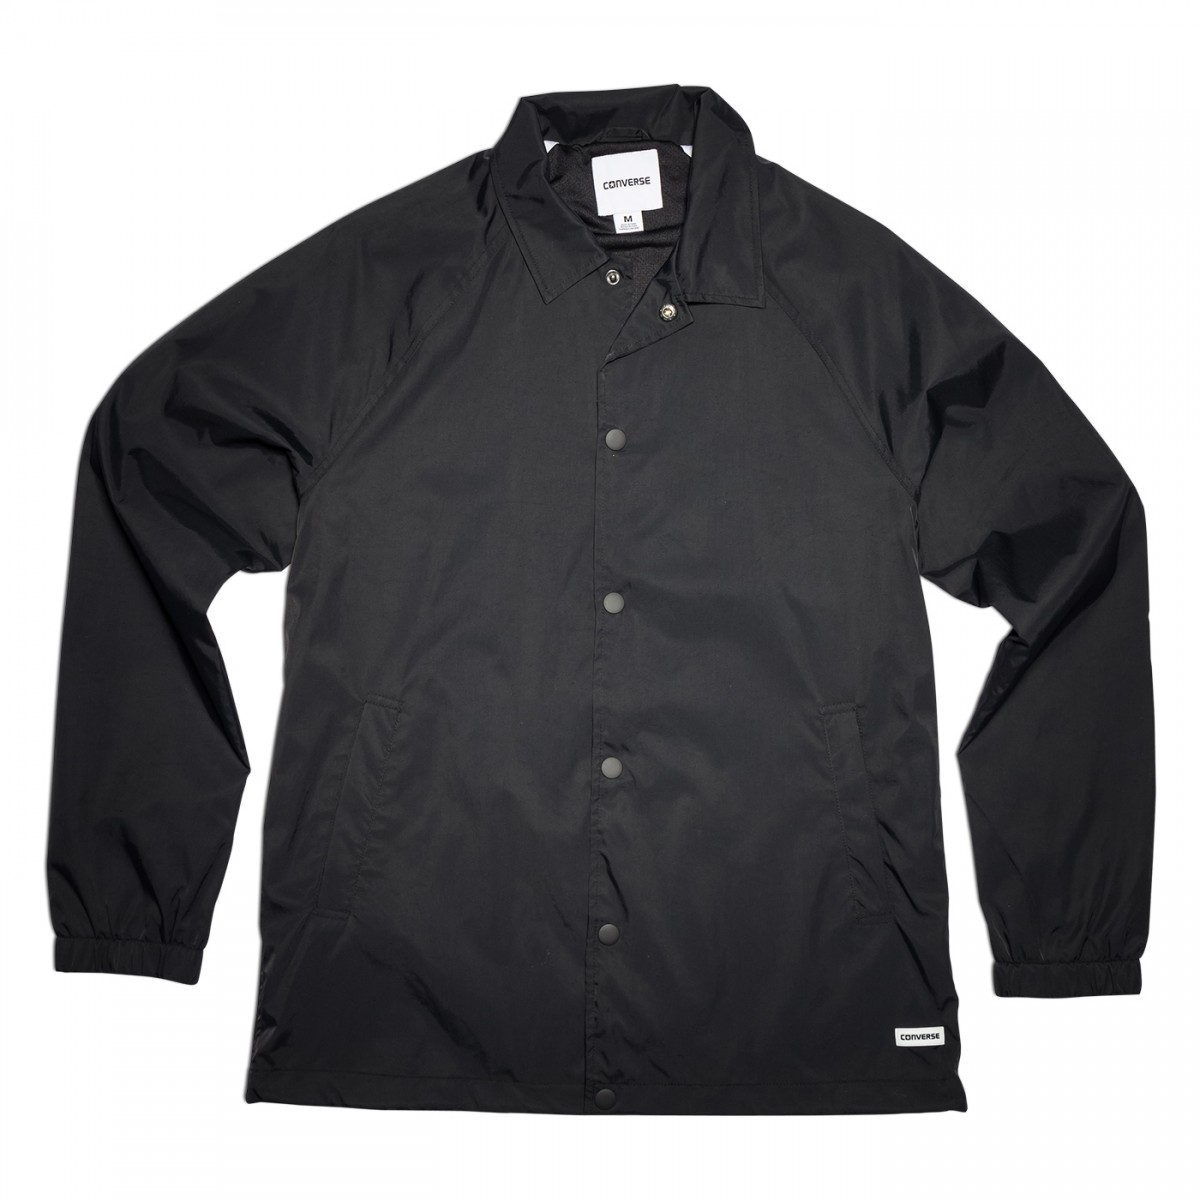 Converse Core Coaches Jacket Herren Jacke schwarz